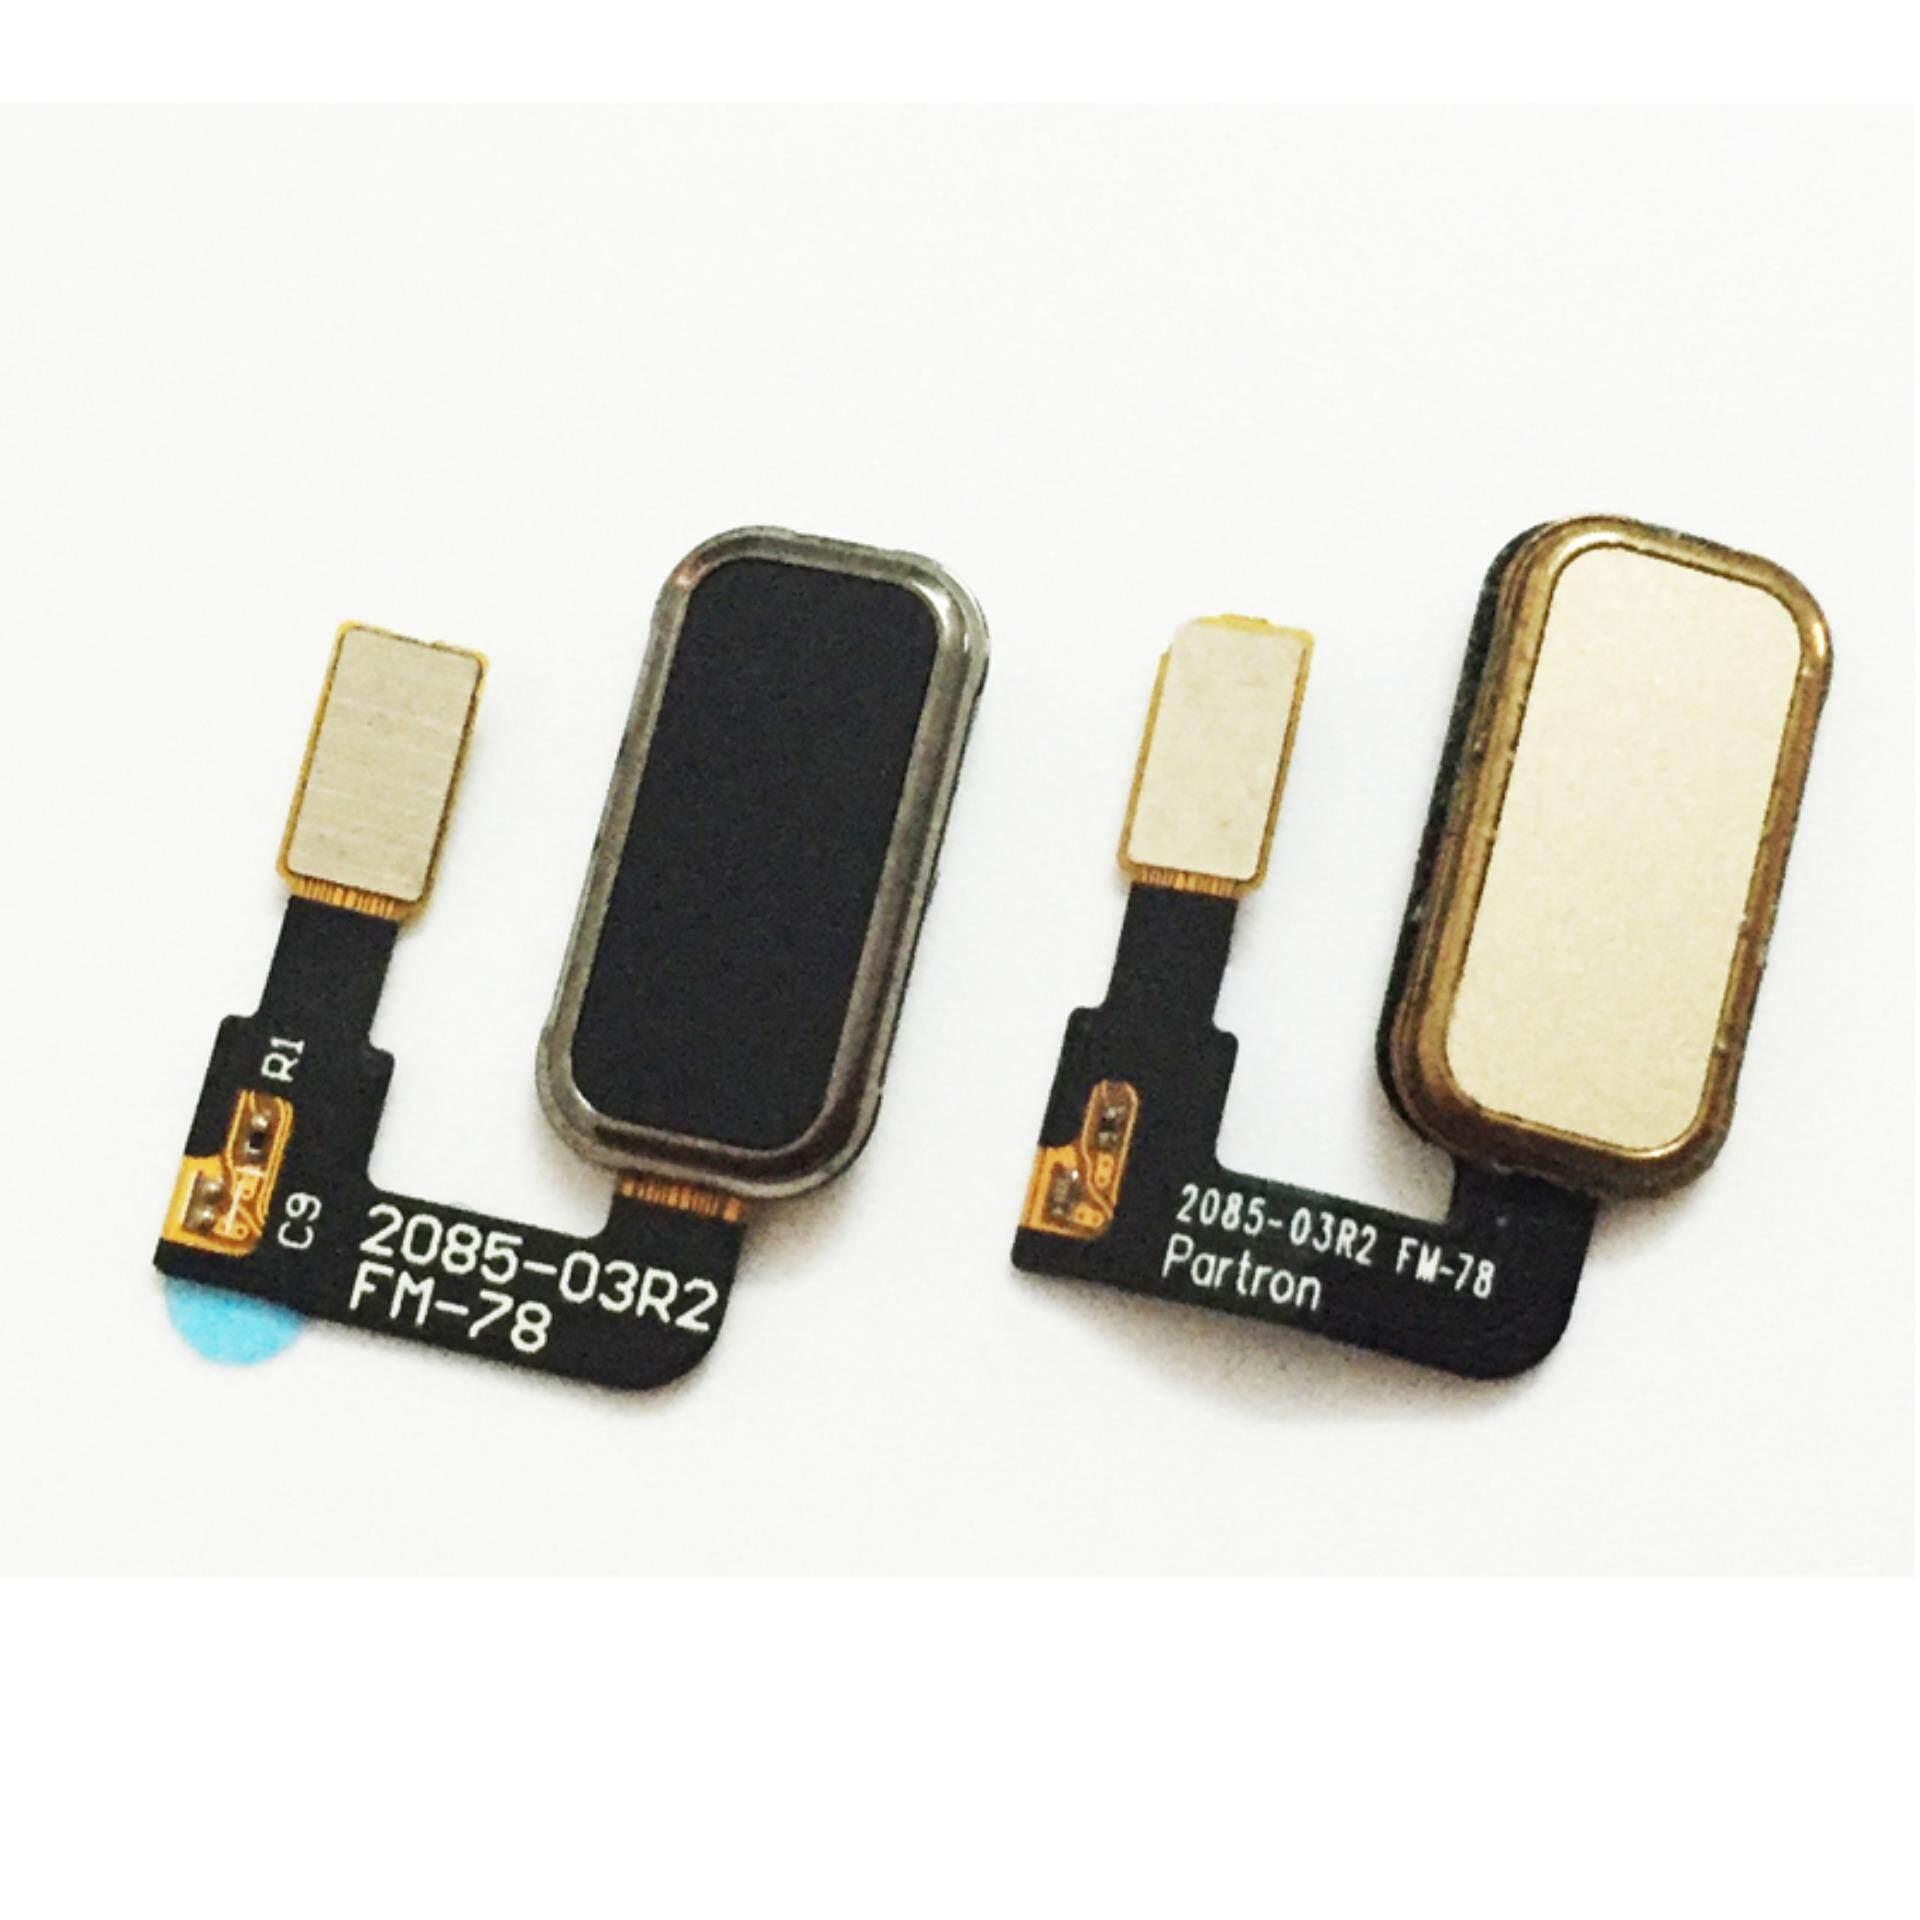 Fitur Untuk Lenovo Vibe P1 P1c58 P1c72 Sensor Sidik Jari Pemindai Turbo 32gb Abu Detail Gambar Kunci Sentuh Identitas Rumah Tombol Kembali Fleksibel Kabel Internasional Terbaru